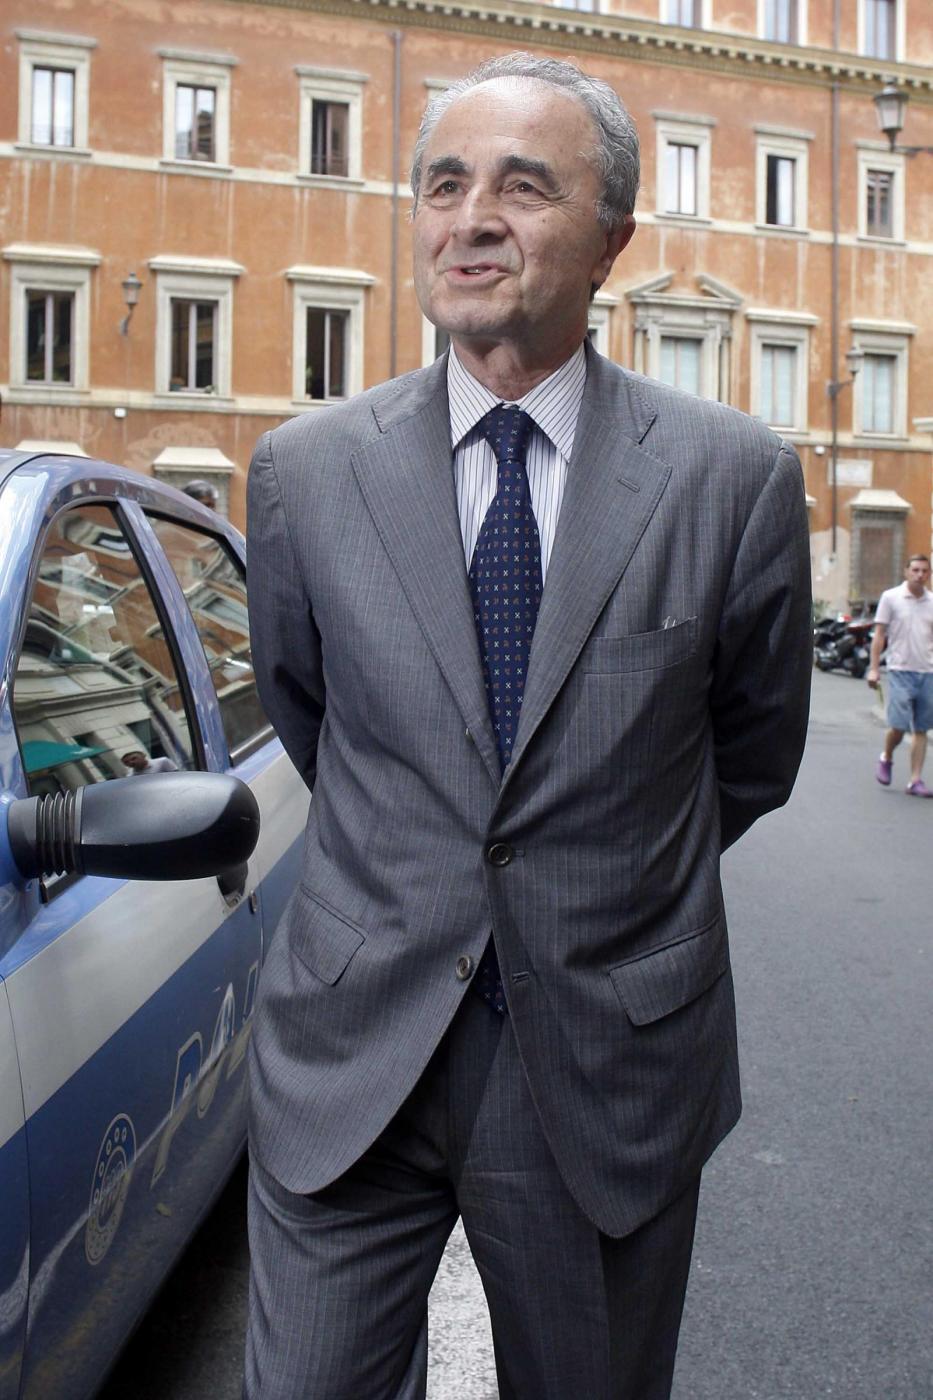 Sardegna, caso Barracciu. Arturo Parisi: mai più candidati se indagati? Sarebbe la fine...